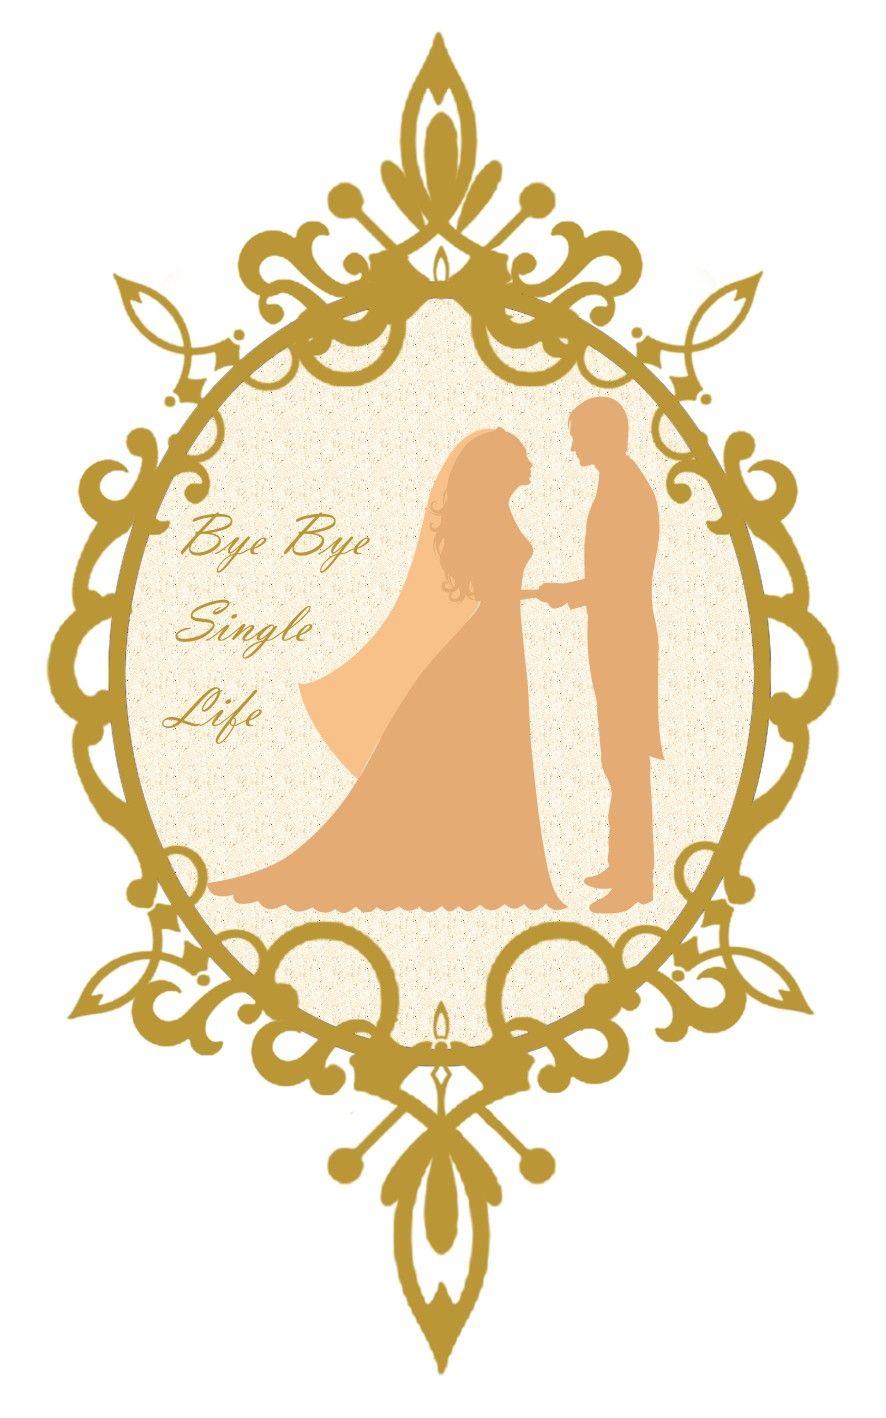 Bye Bye Single Life Theme Design My Themes Theme